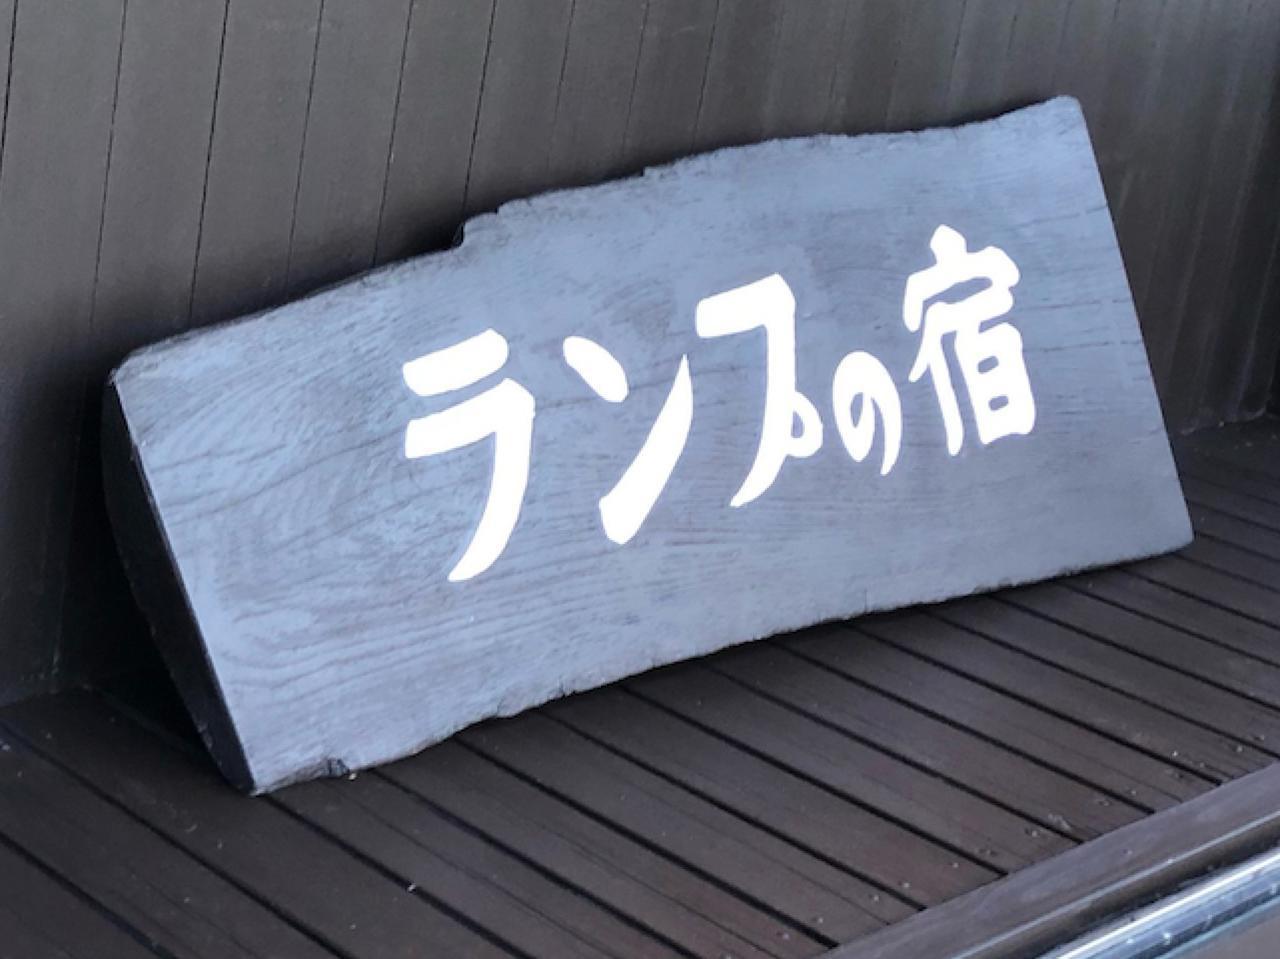 画像1: 日本海グルメ・ツーリング|北陸で味わう絶品海の幸とジビエ料理【三橋淳のアフリカツイン・トリップ】